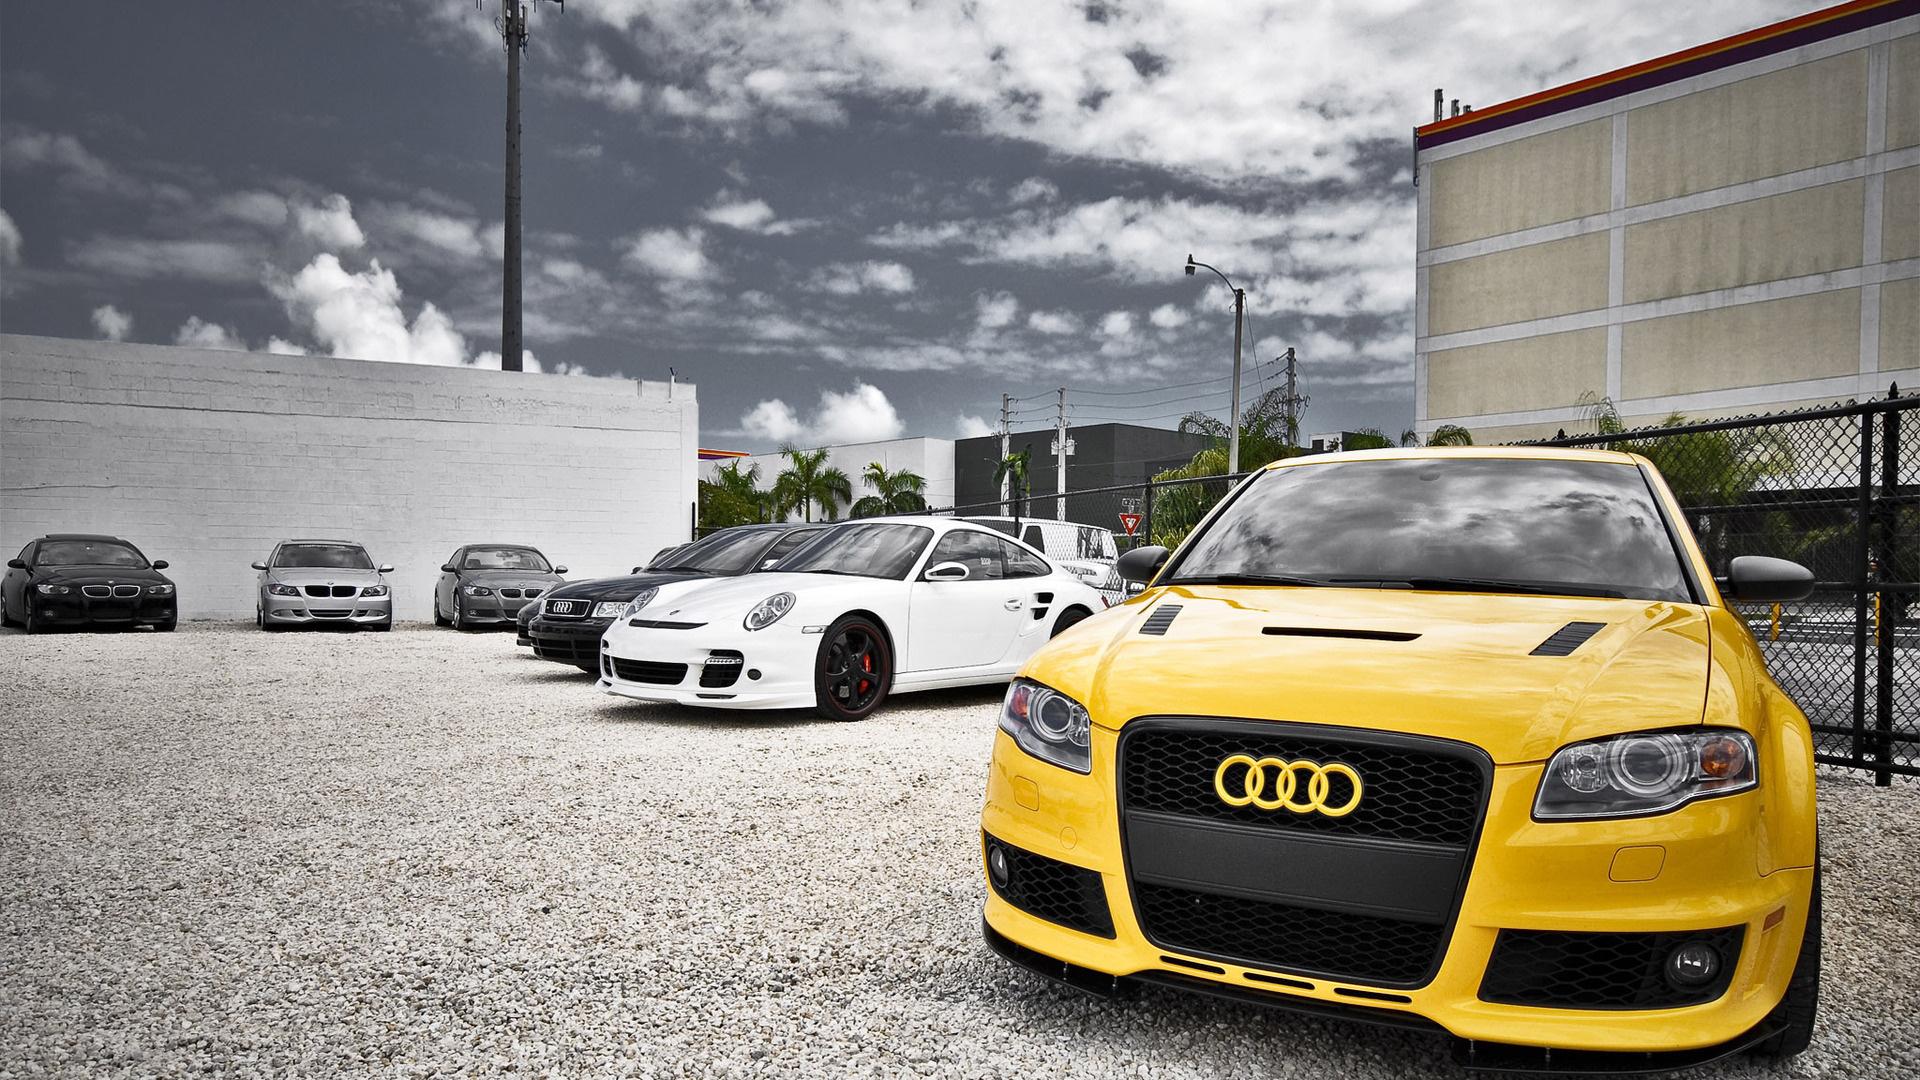 17647 скачать обои Транспорт, Машины, Ауди (Audi) - заставки и картинки бесплатно